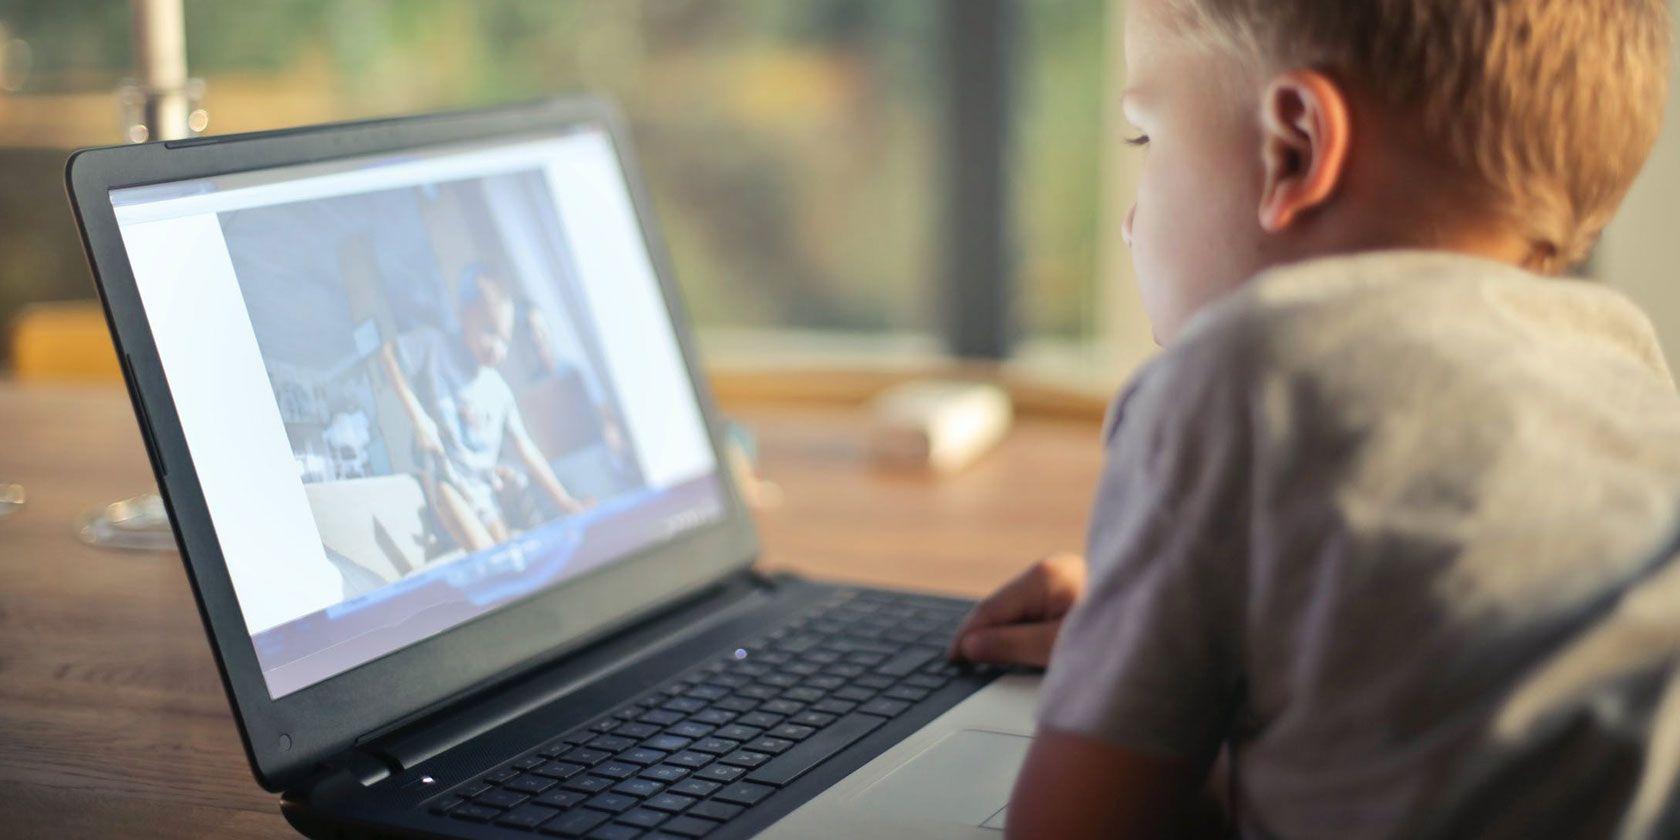 video-editors-kids